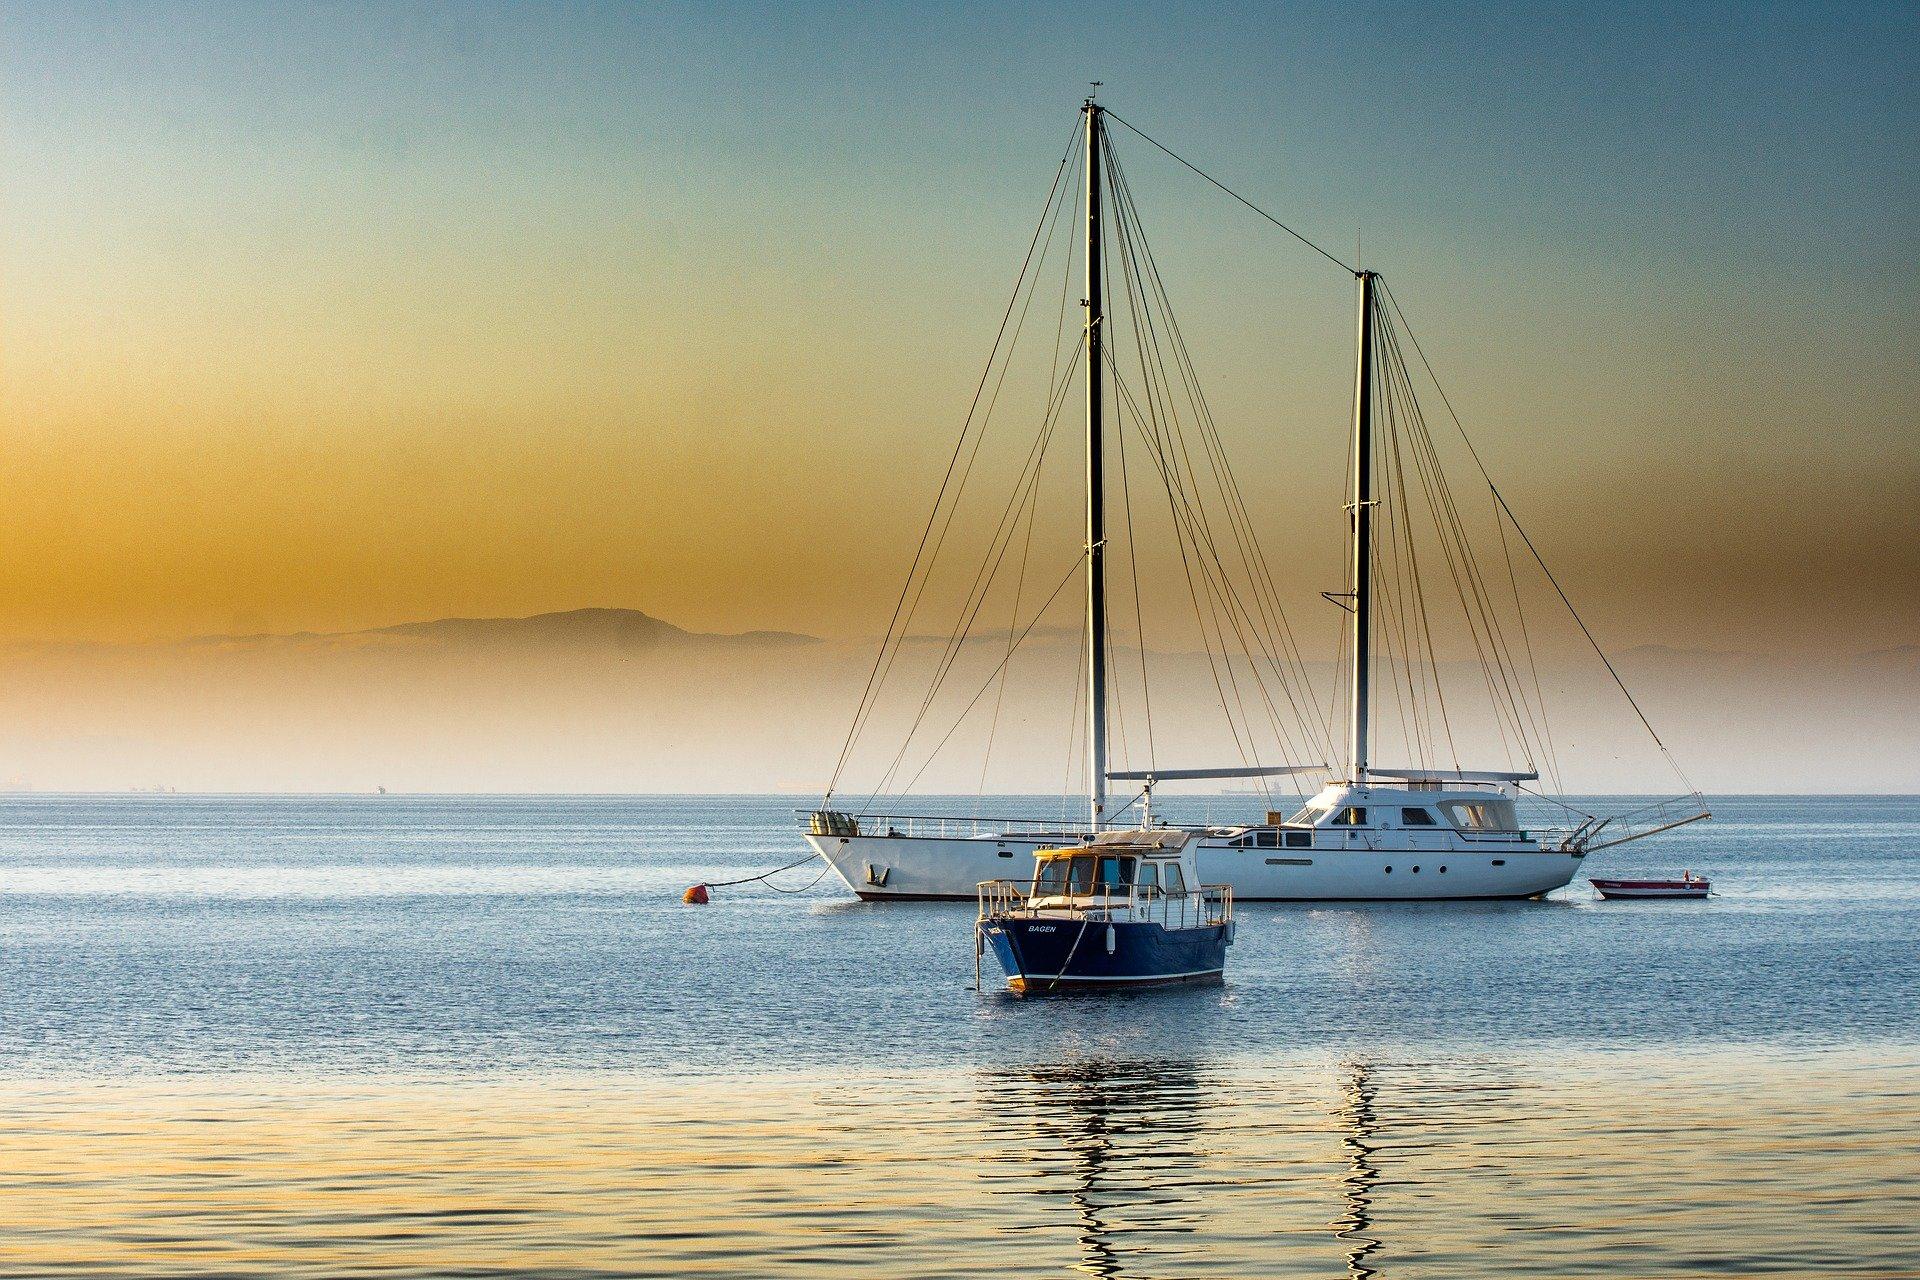 boats-2758962_1920